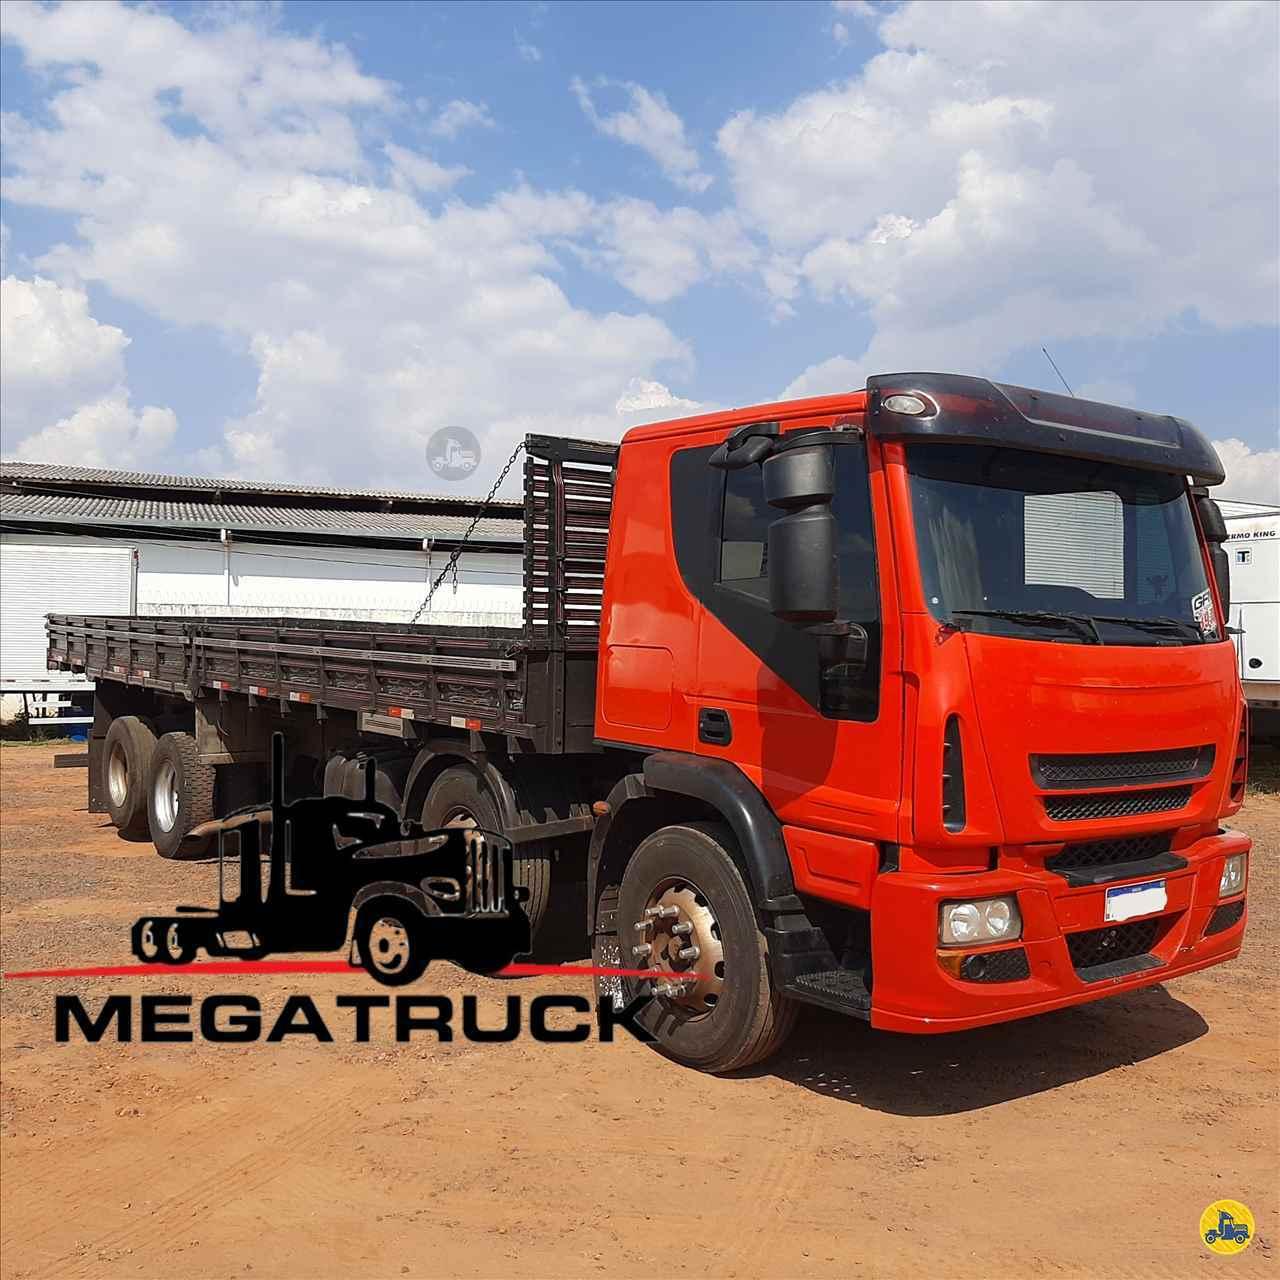 CAMINHAO IVECO TECTOR 240E25 Carga Seca BiTruck 8x2 Megatruck Caminhões e Máquinas CAMPO GRANDE MATO GROSSO DO SUL MS